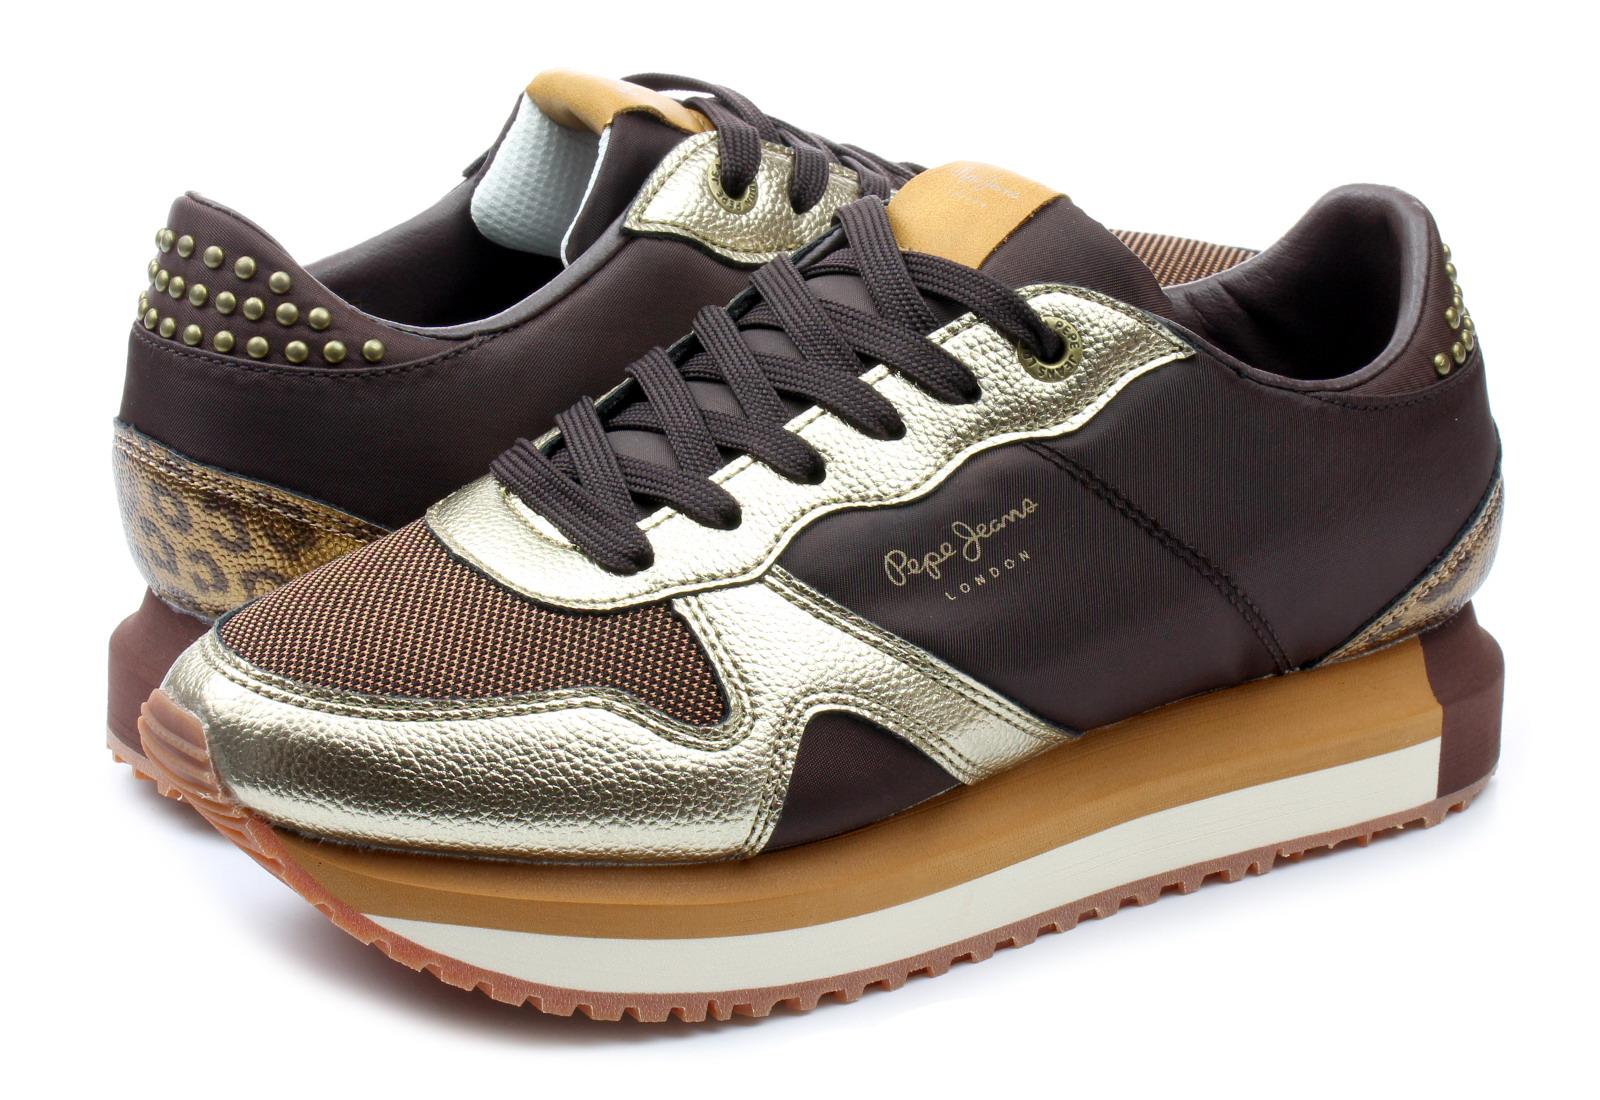 Pepe Jeans Shoes - Zion - PLS30787898